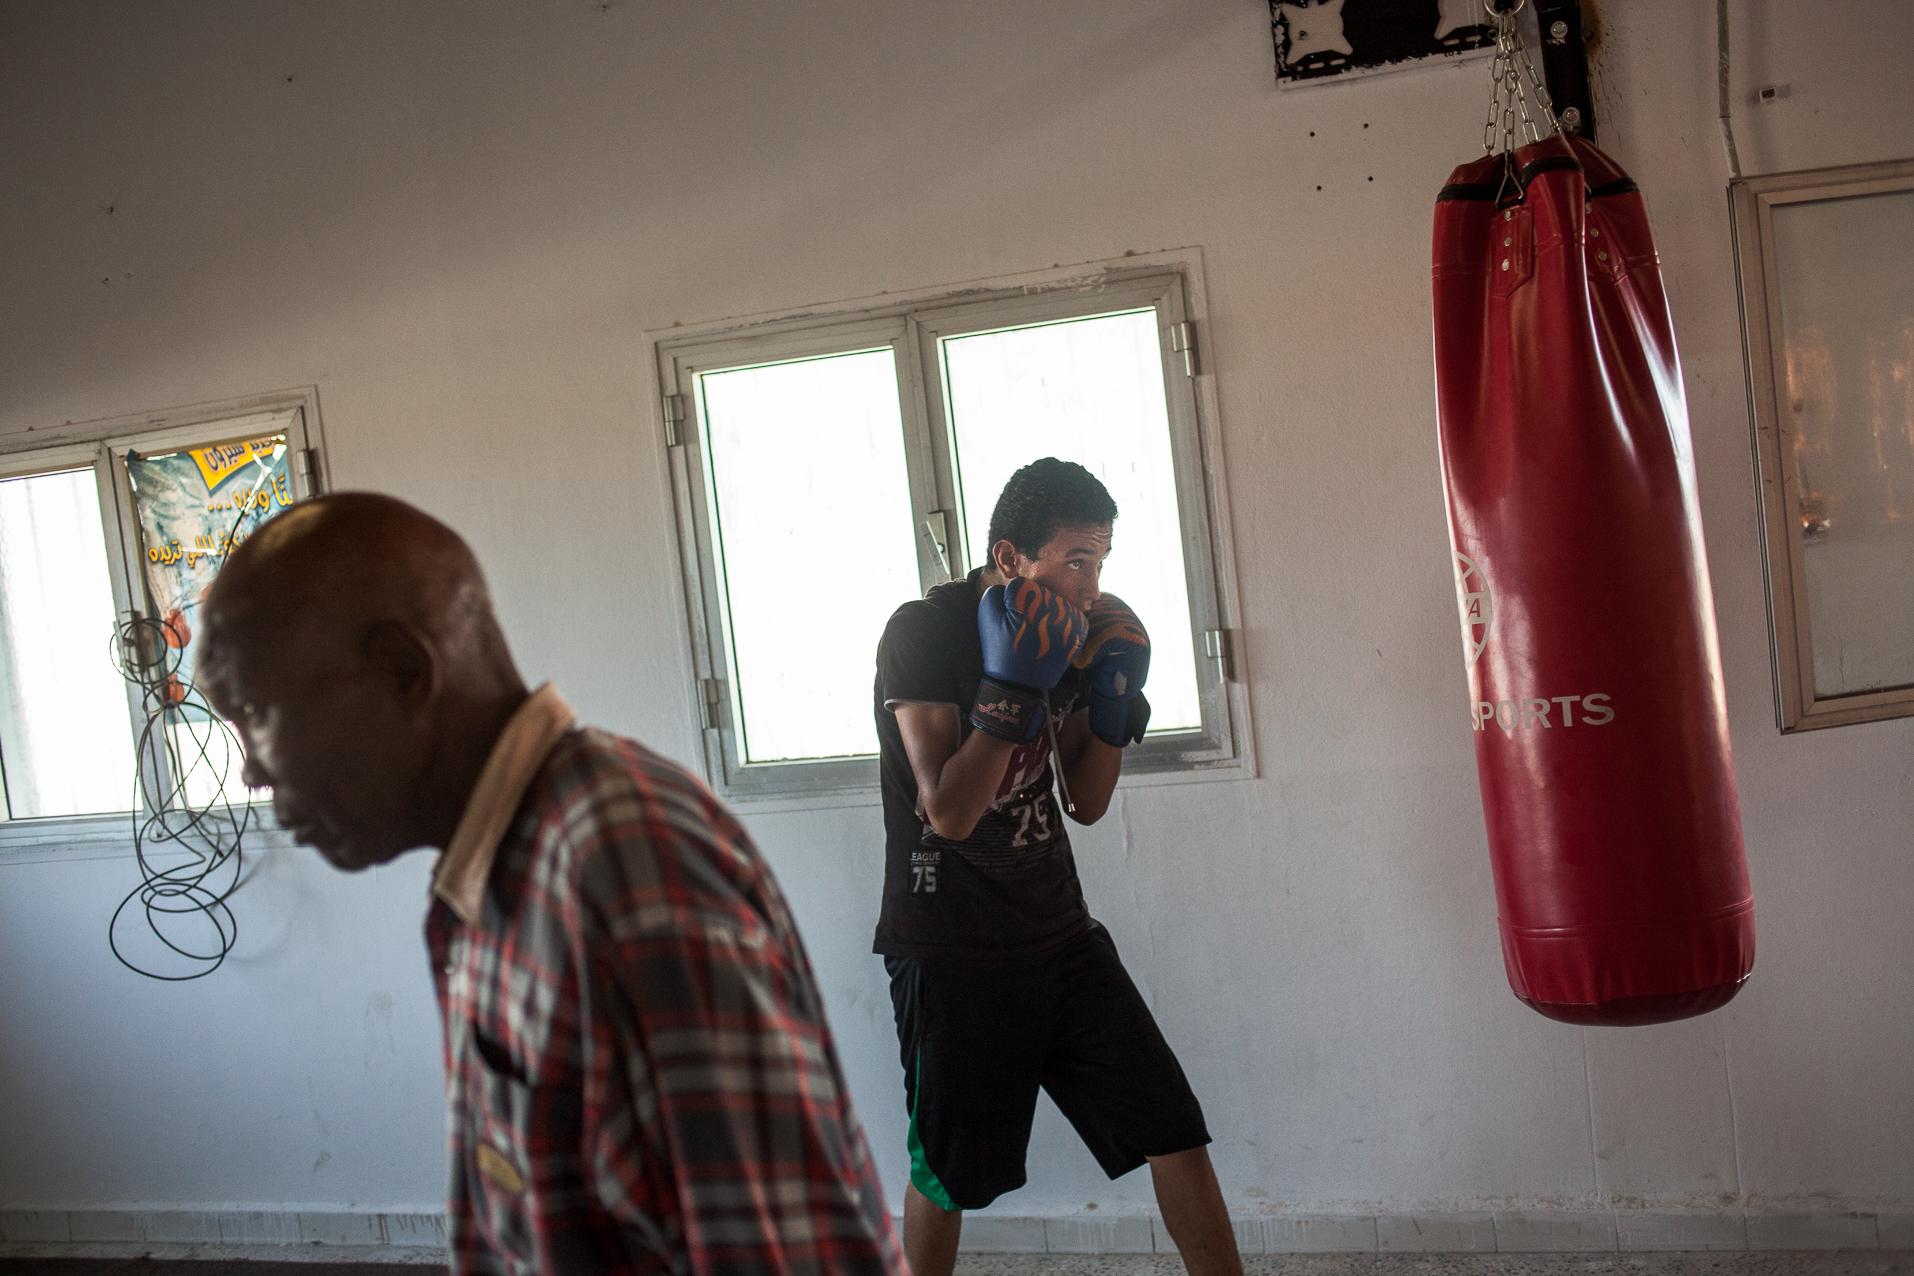 """Tripoli, Juillet 2012. Interdite depuis 1979 par Muammar Kadhafi qui trouvait ce sport """"sauvage"""", la boxe revient en Libye. Les jeunes de ce quartier du sud Ouest de Tripoli s'entrainent sous la houlette d'anciens champions.  Tripoli, July 2012. Prohibited since 1979 by Muammar Gaddafi, boxing returns to Libya. Young people of this district in the south west of Tripoli are training under the guidance of former champions."""